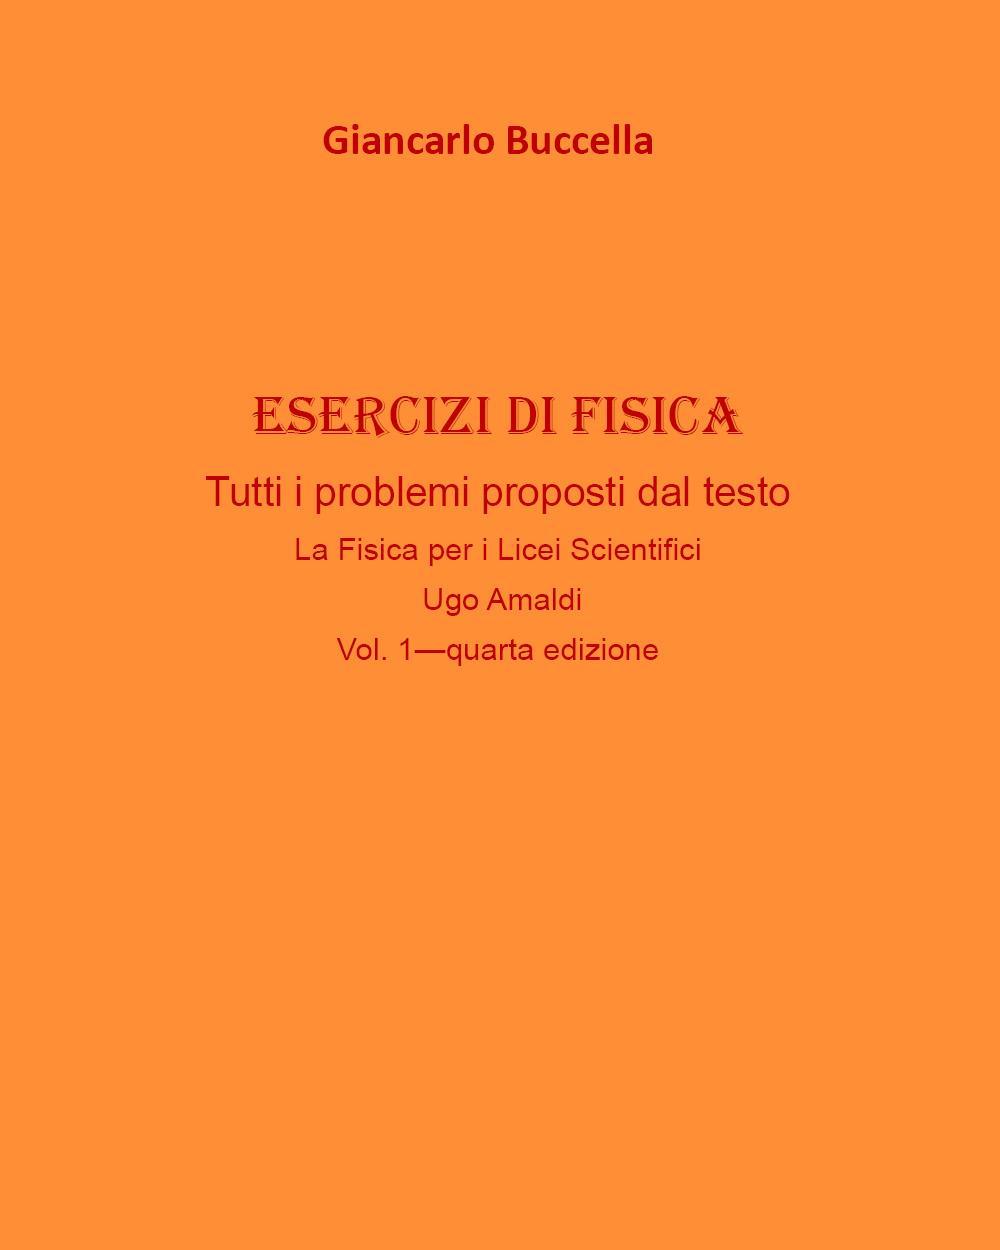 """Esercizi di fisica. Tutti i problemi proposti dal testo """"La Fisica per i Licei Scientifici"""" Vol.1- di Ugo Amaldi"""